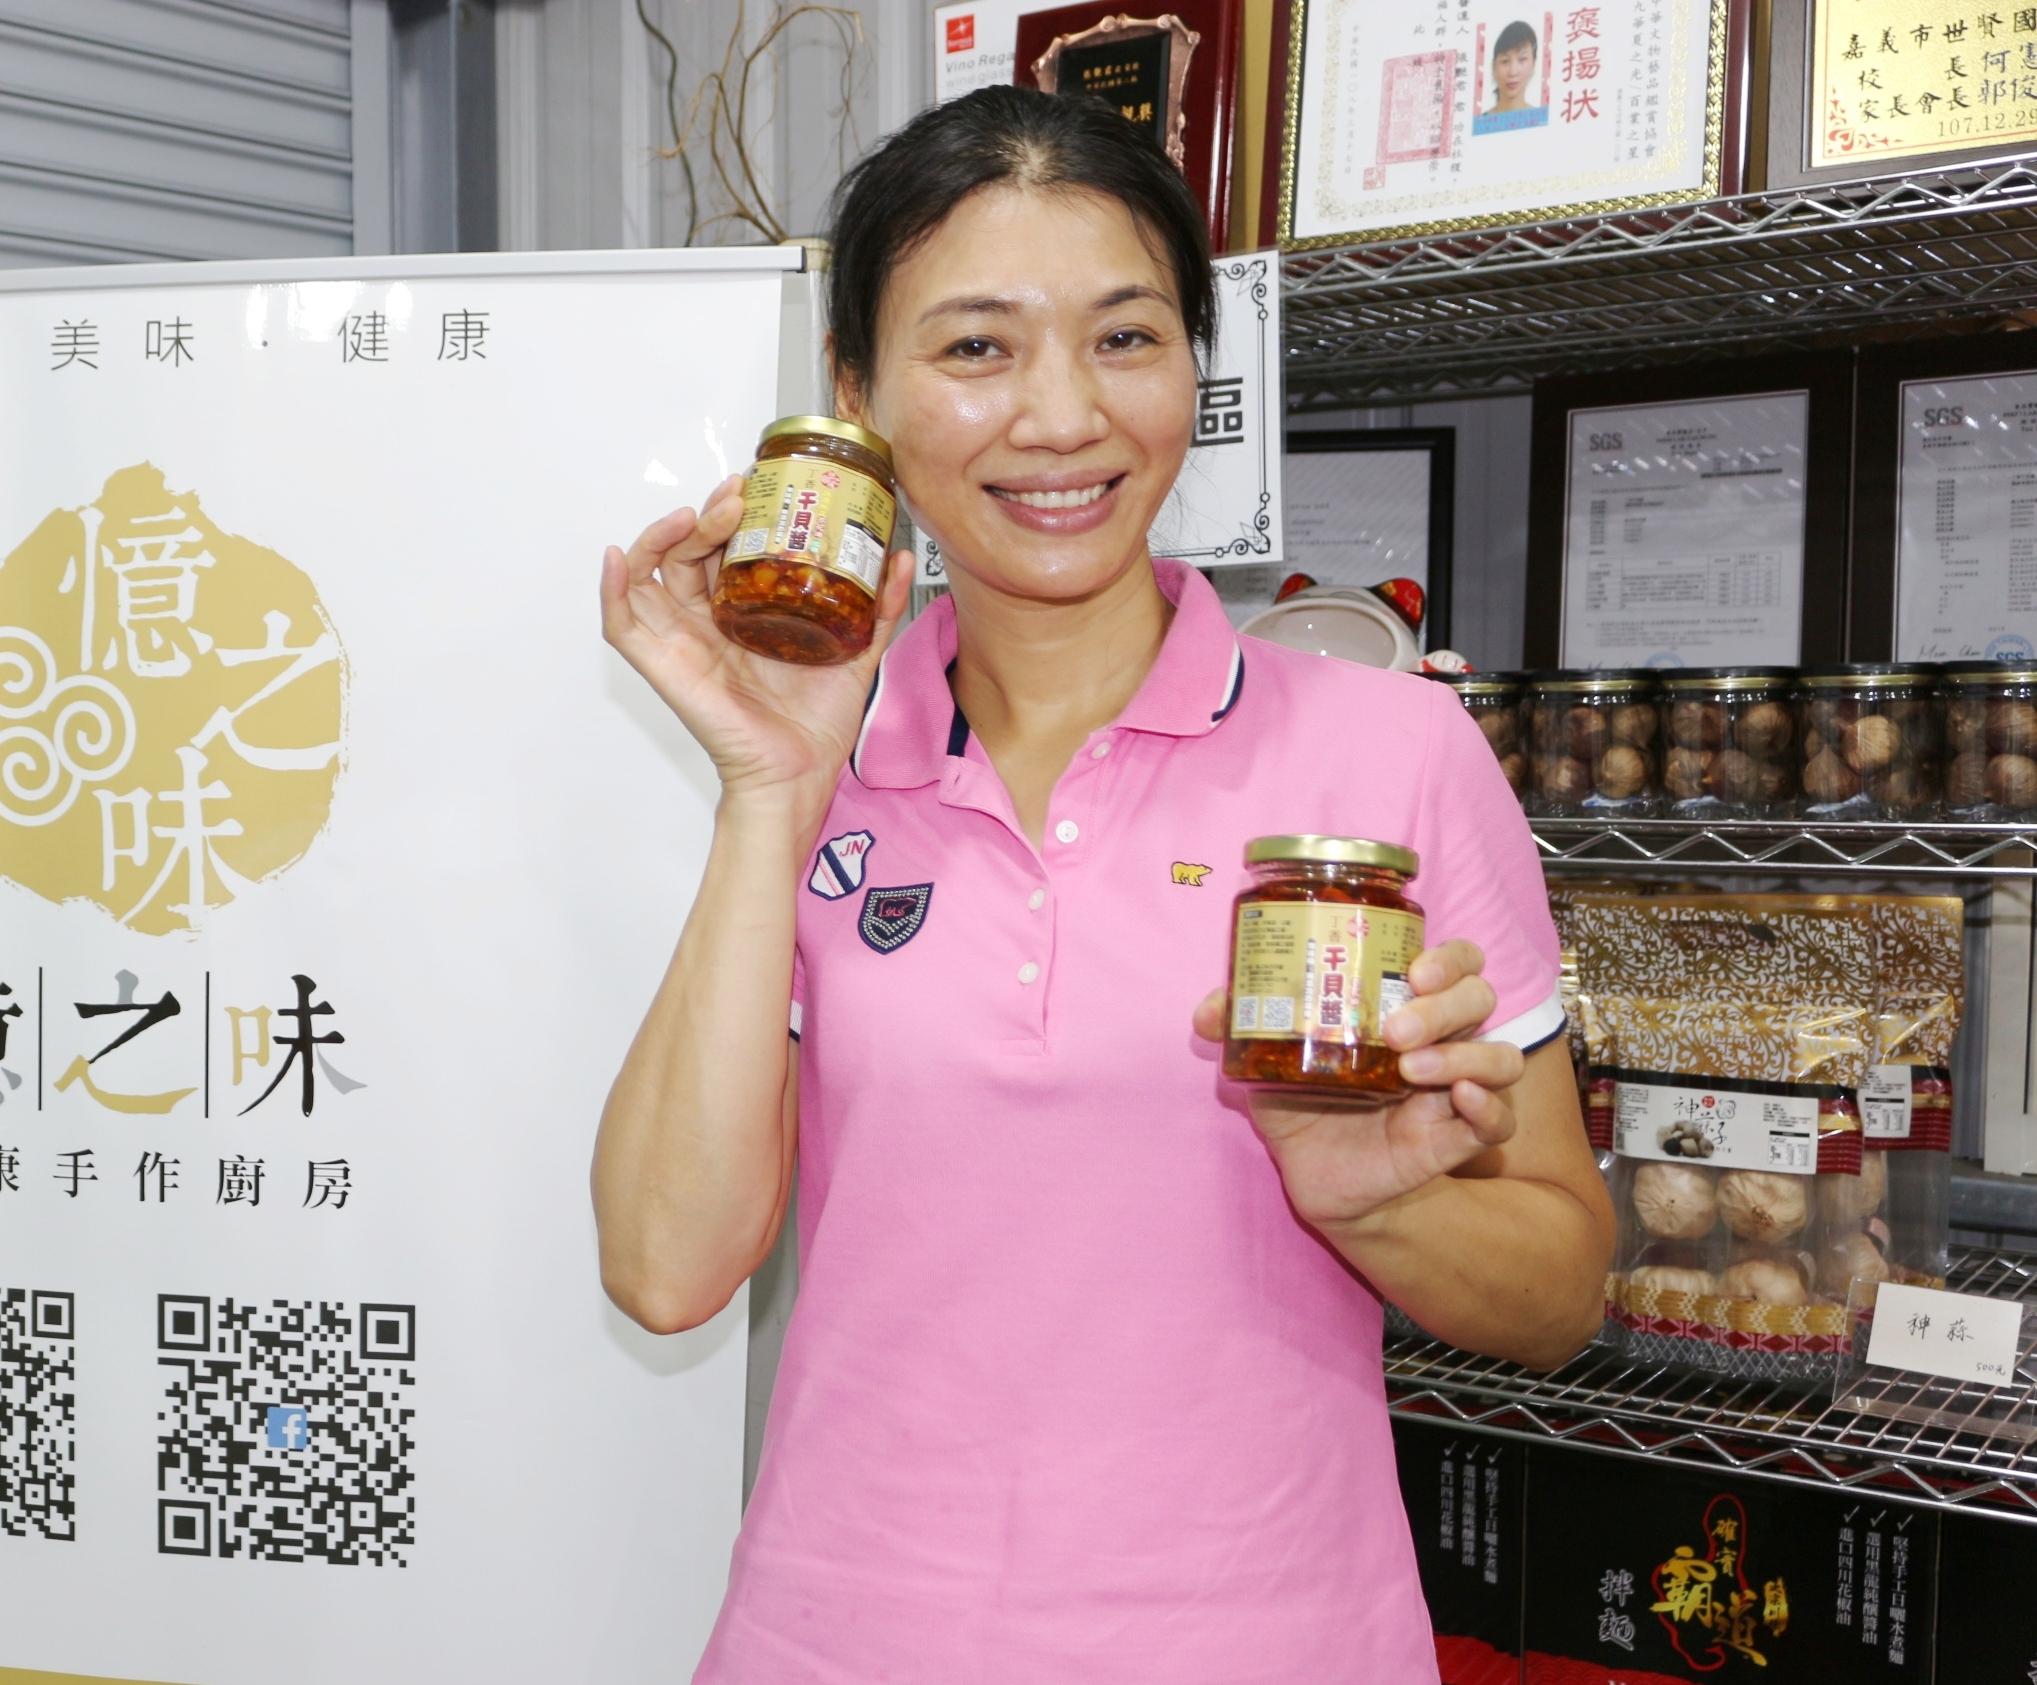 ▲新住民張艷君申請勞動部微型創業鳳凰貸款,將臺灣食材融入家鄉味的辣椒醬中,成立自有品牌。